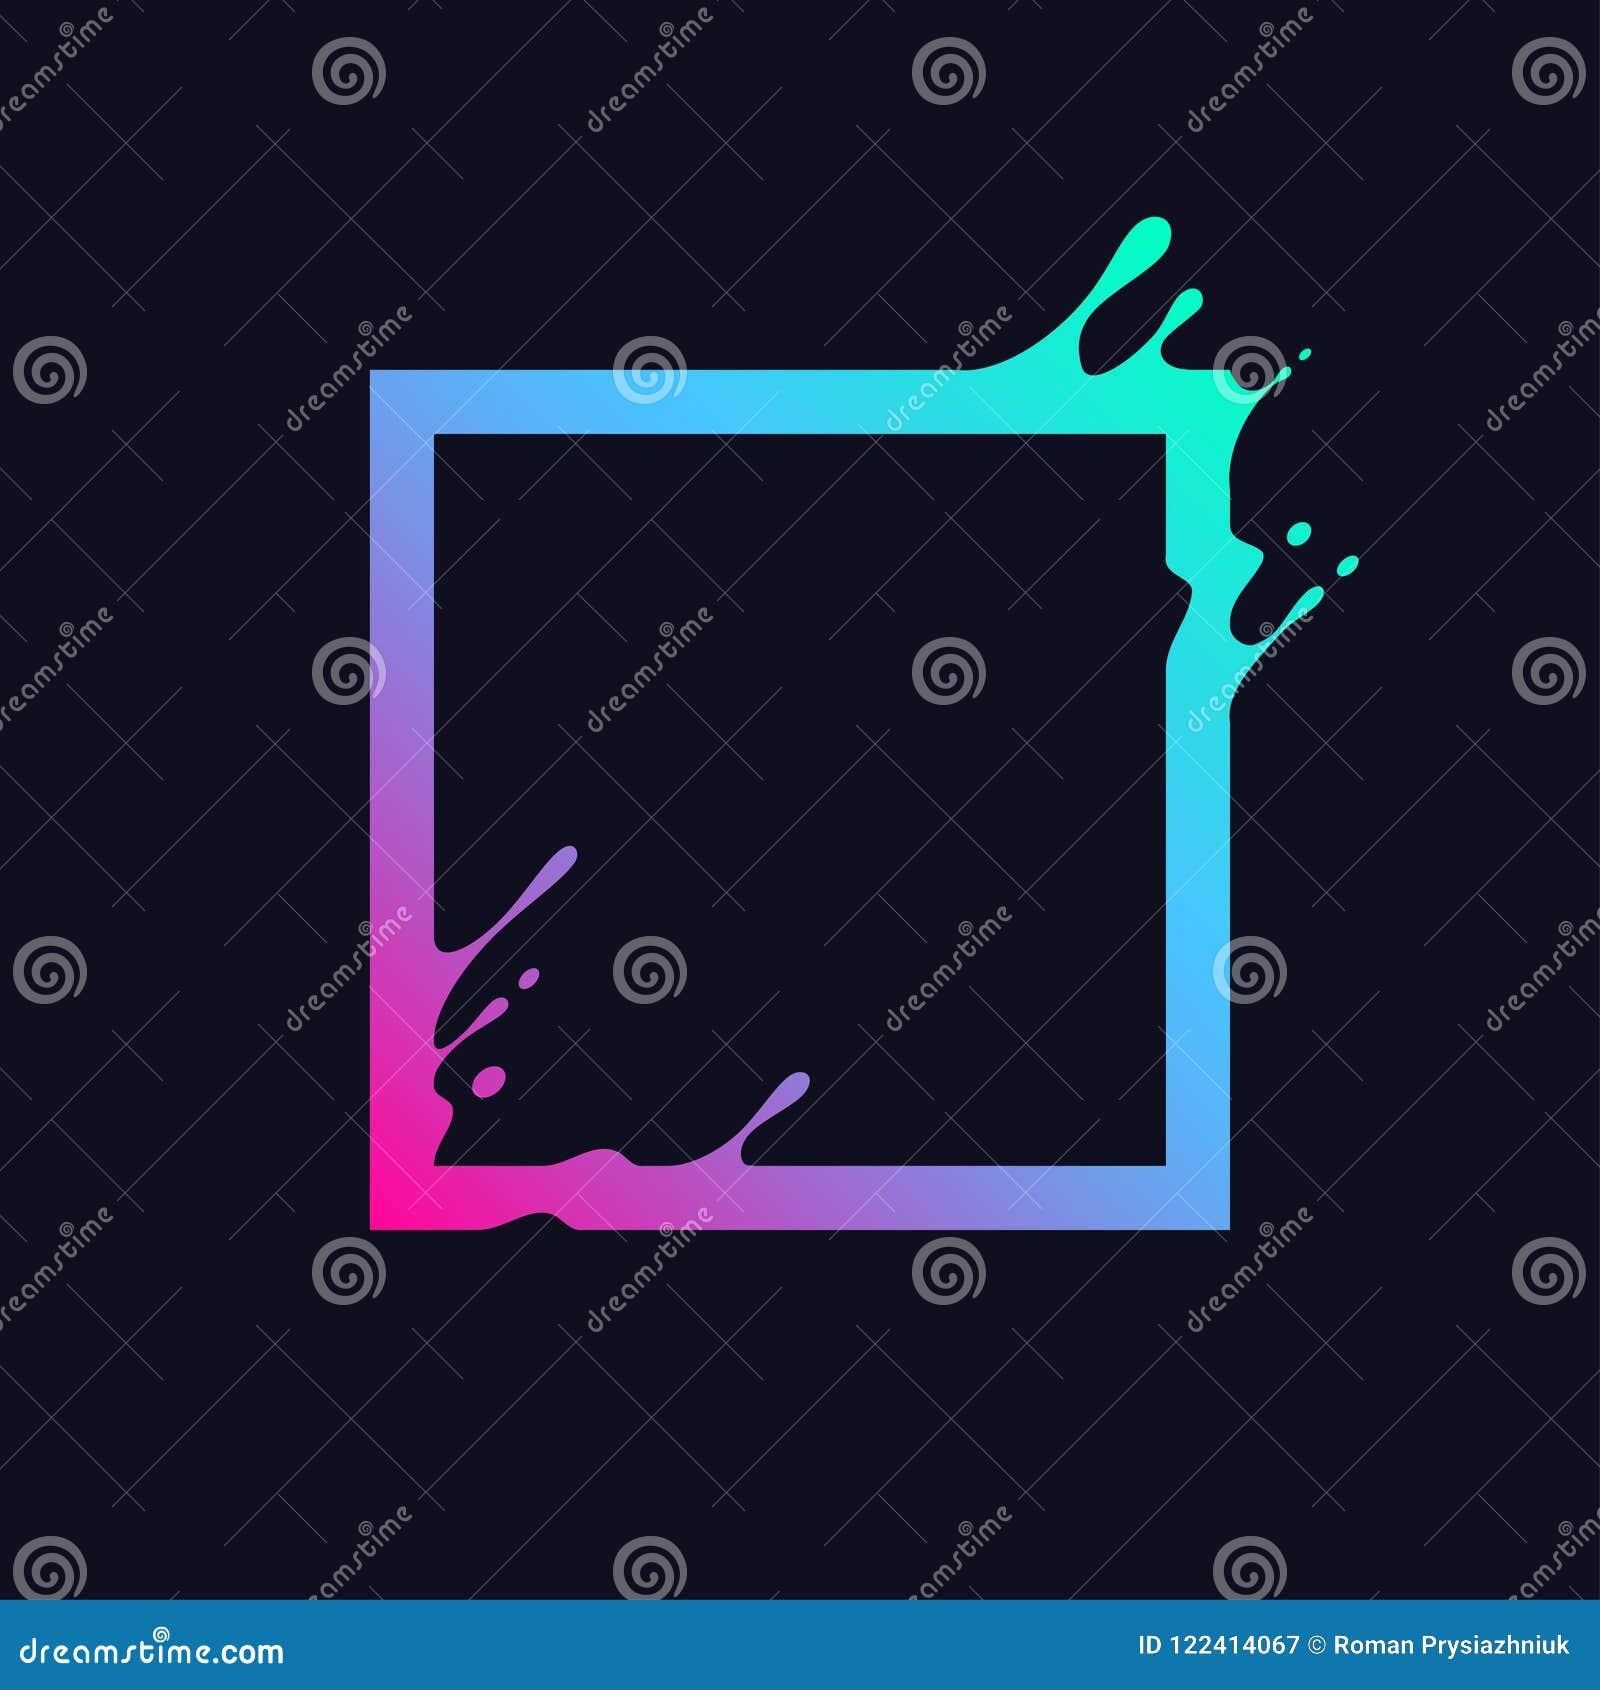 Υγρό ζωηρόχρωμο τετράγωνο Αφηρημένη μορφή ορθογωνίων κλίσης με τον παφλασμό και τις πτώσεις Σχέδιο επίδρασης ροής για το λογότυπο